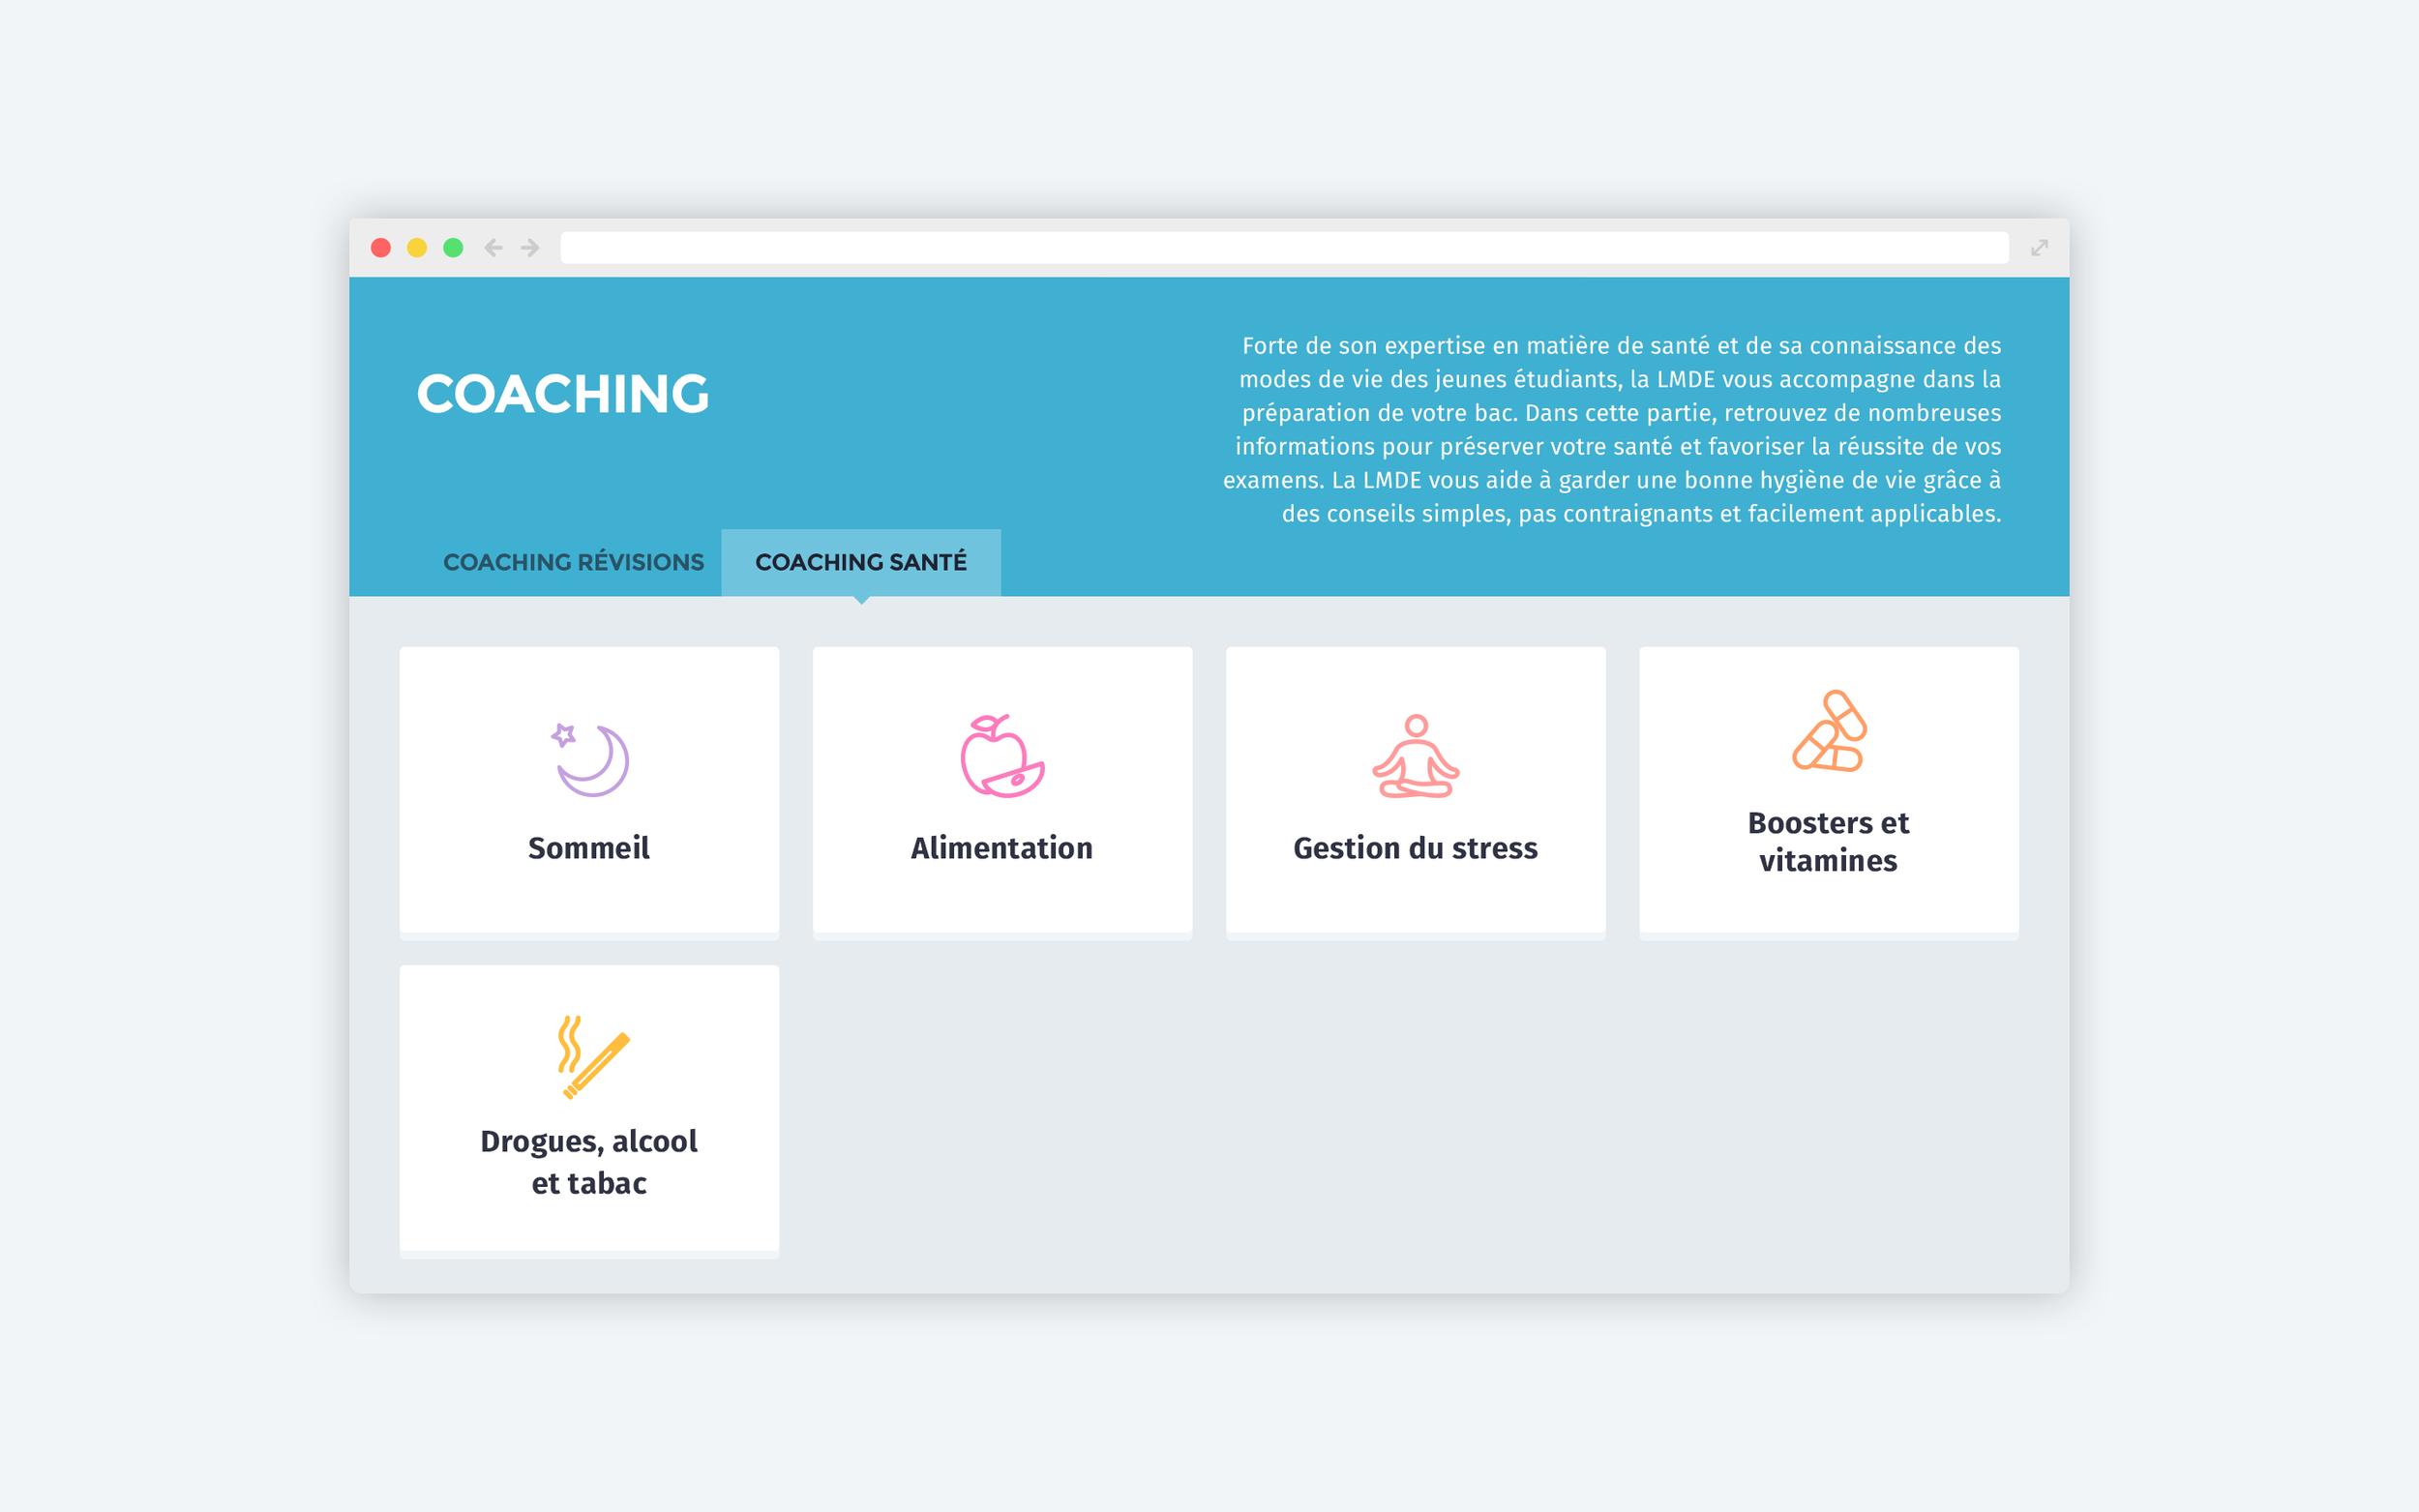 Reussite-Bac_0012_Coaching.png